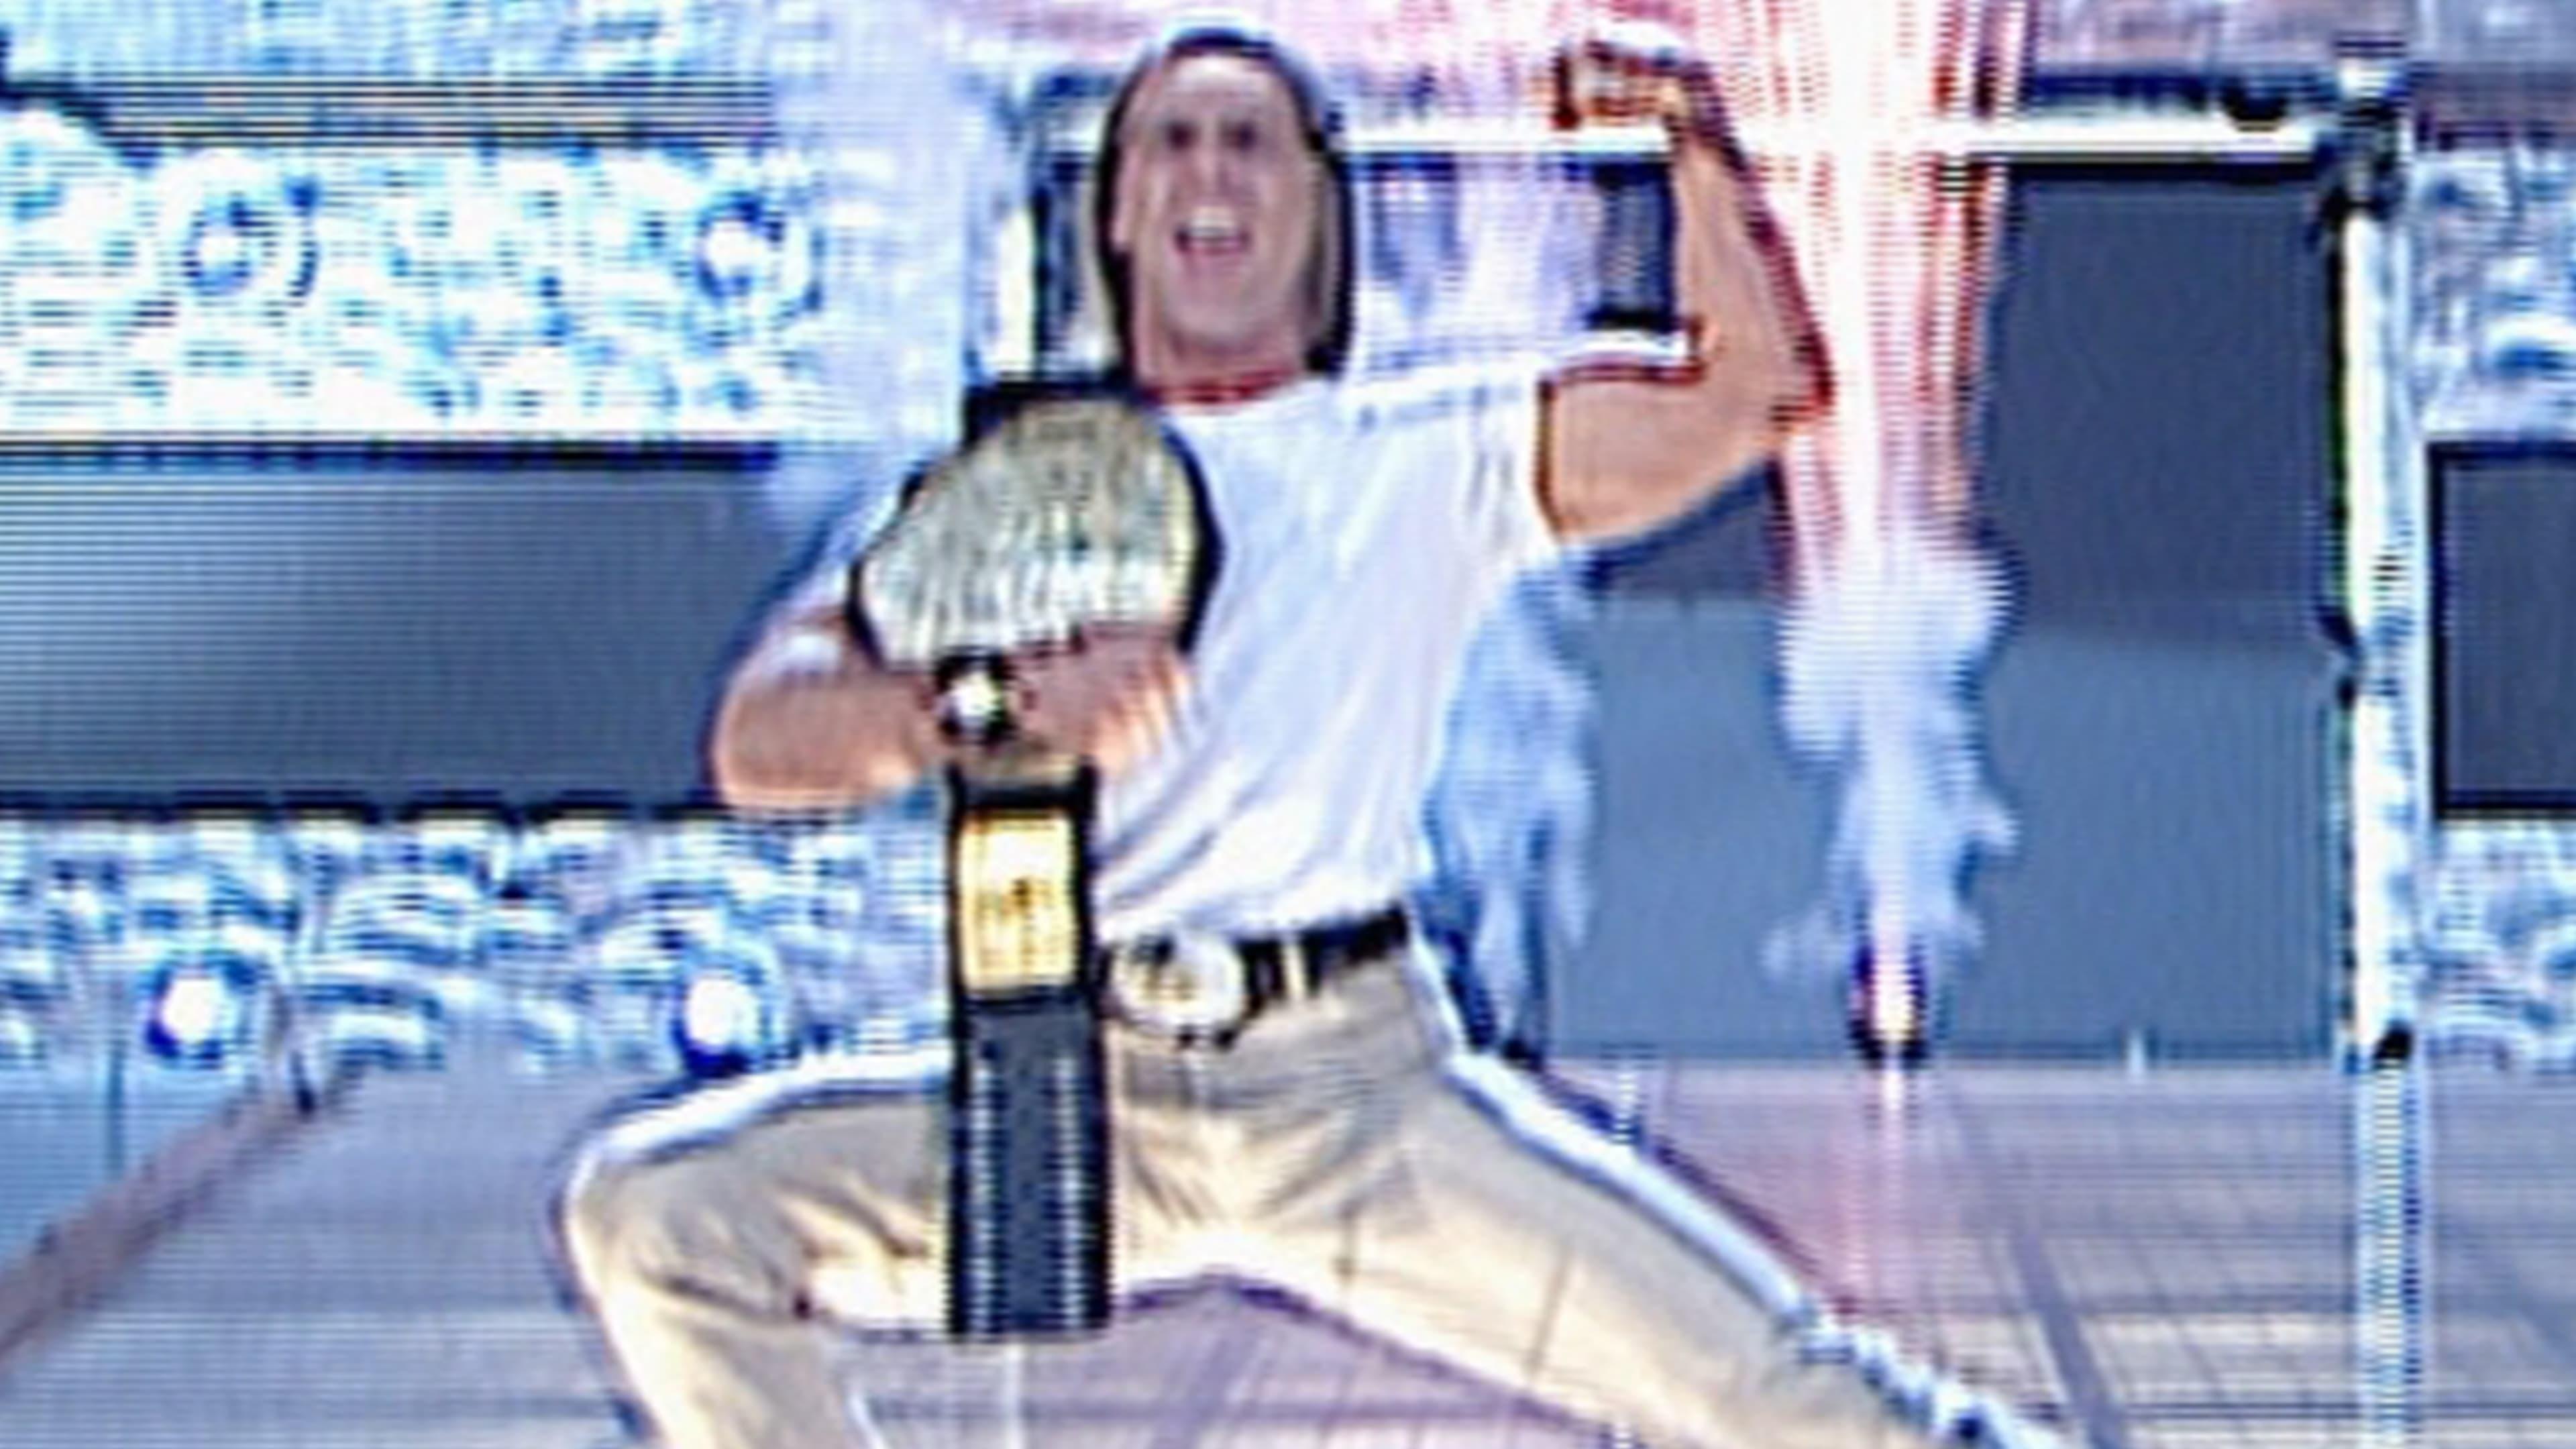 November 18, 2002